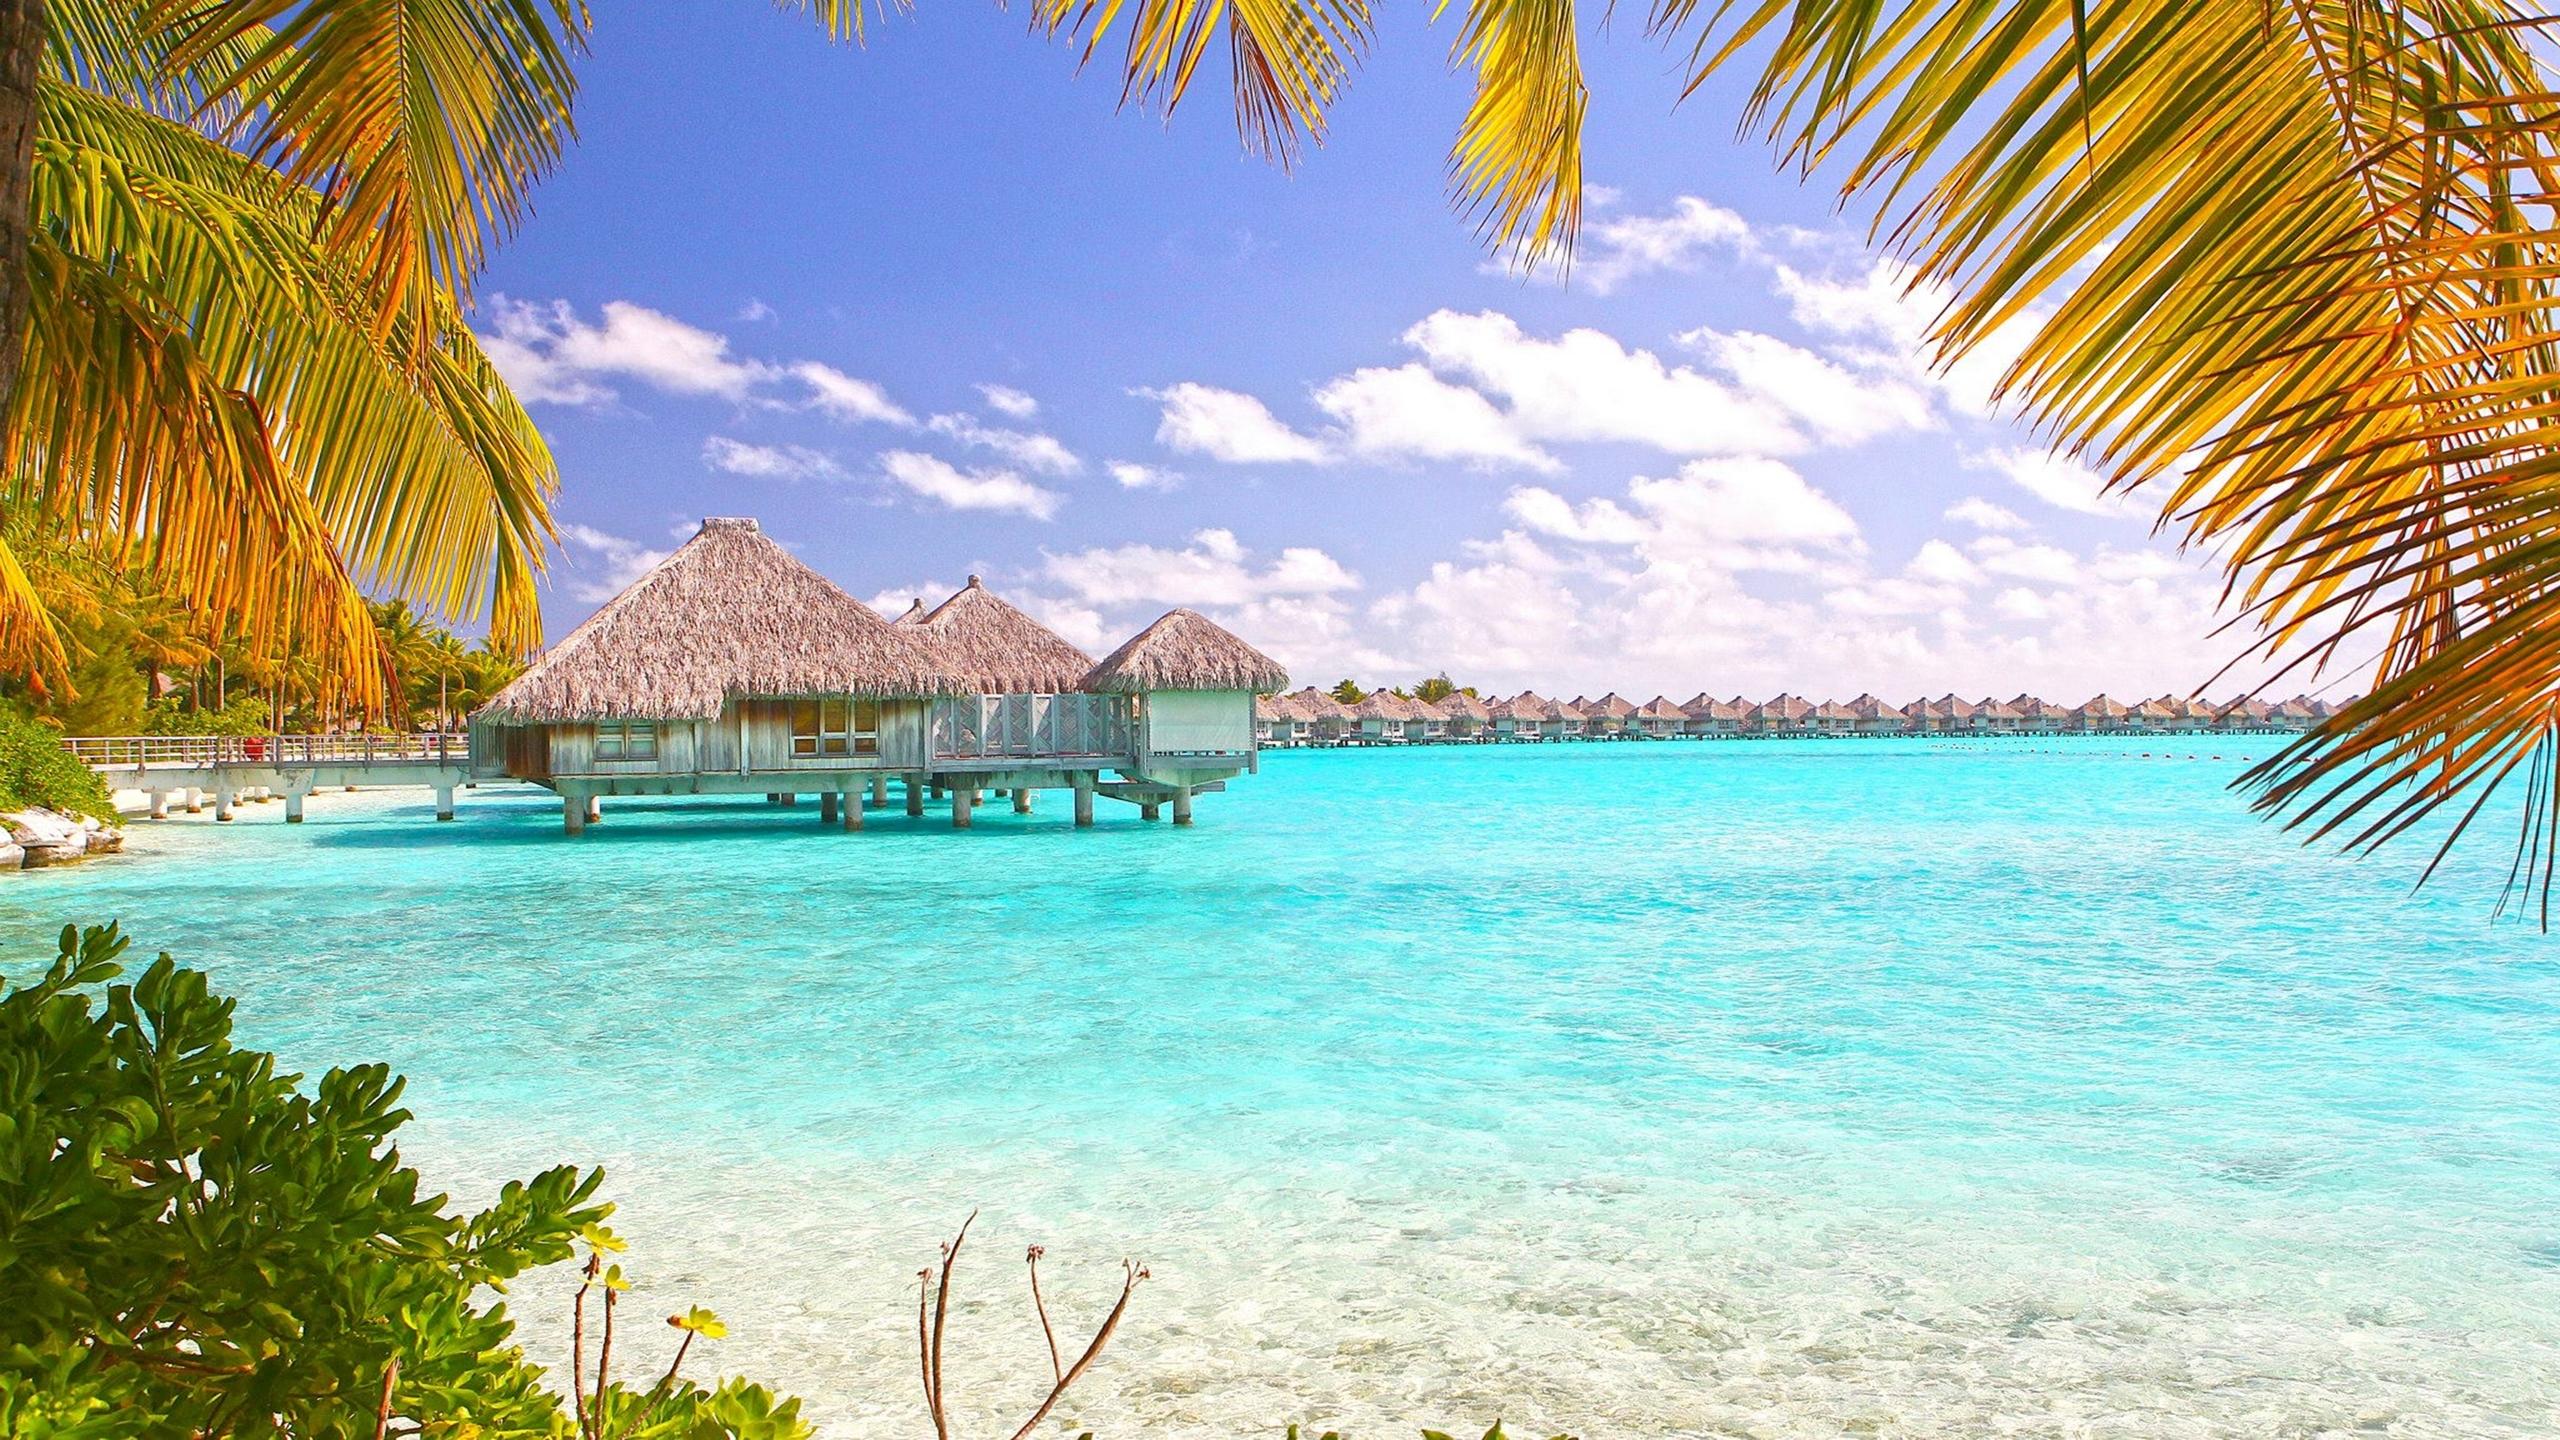 Tropical Beach Bora Bora Polynesia Desktop Wallpaper 2560x1440